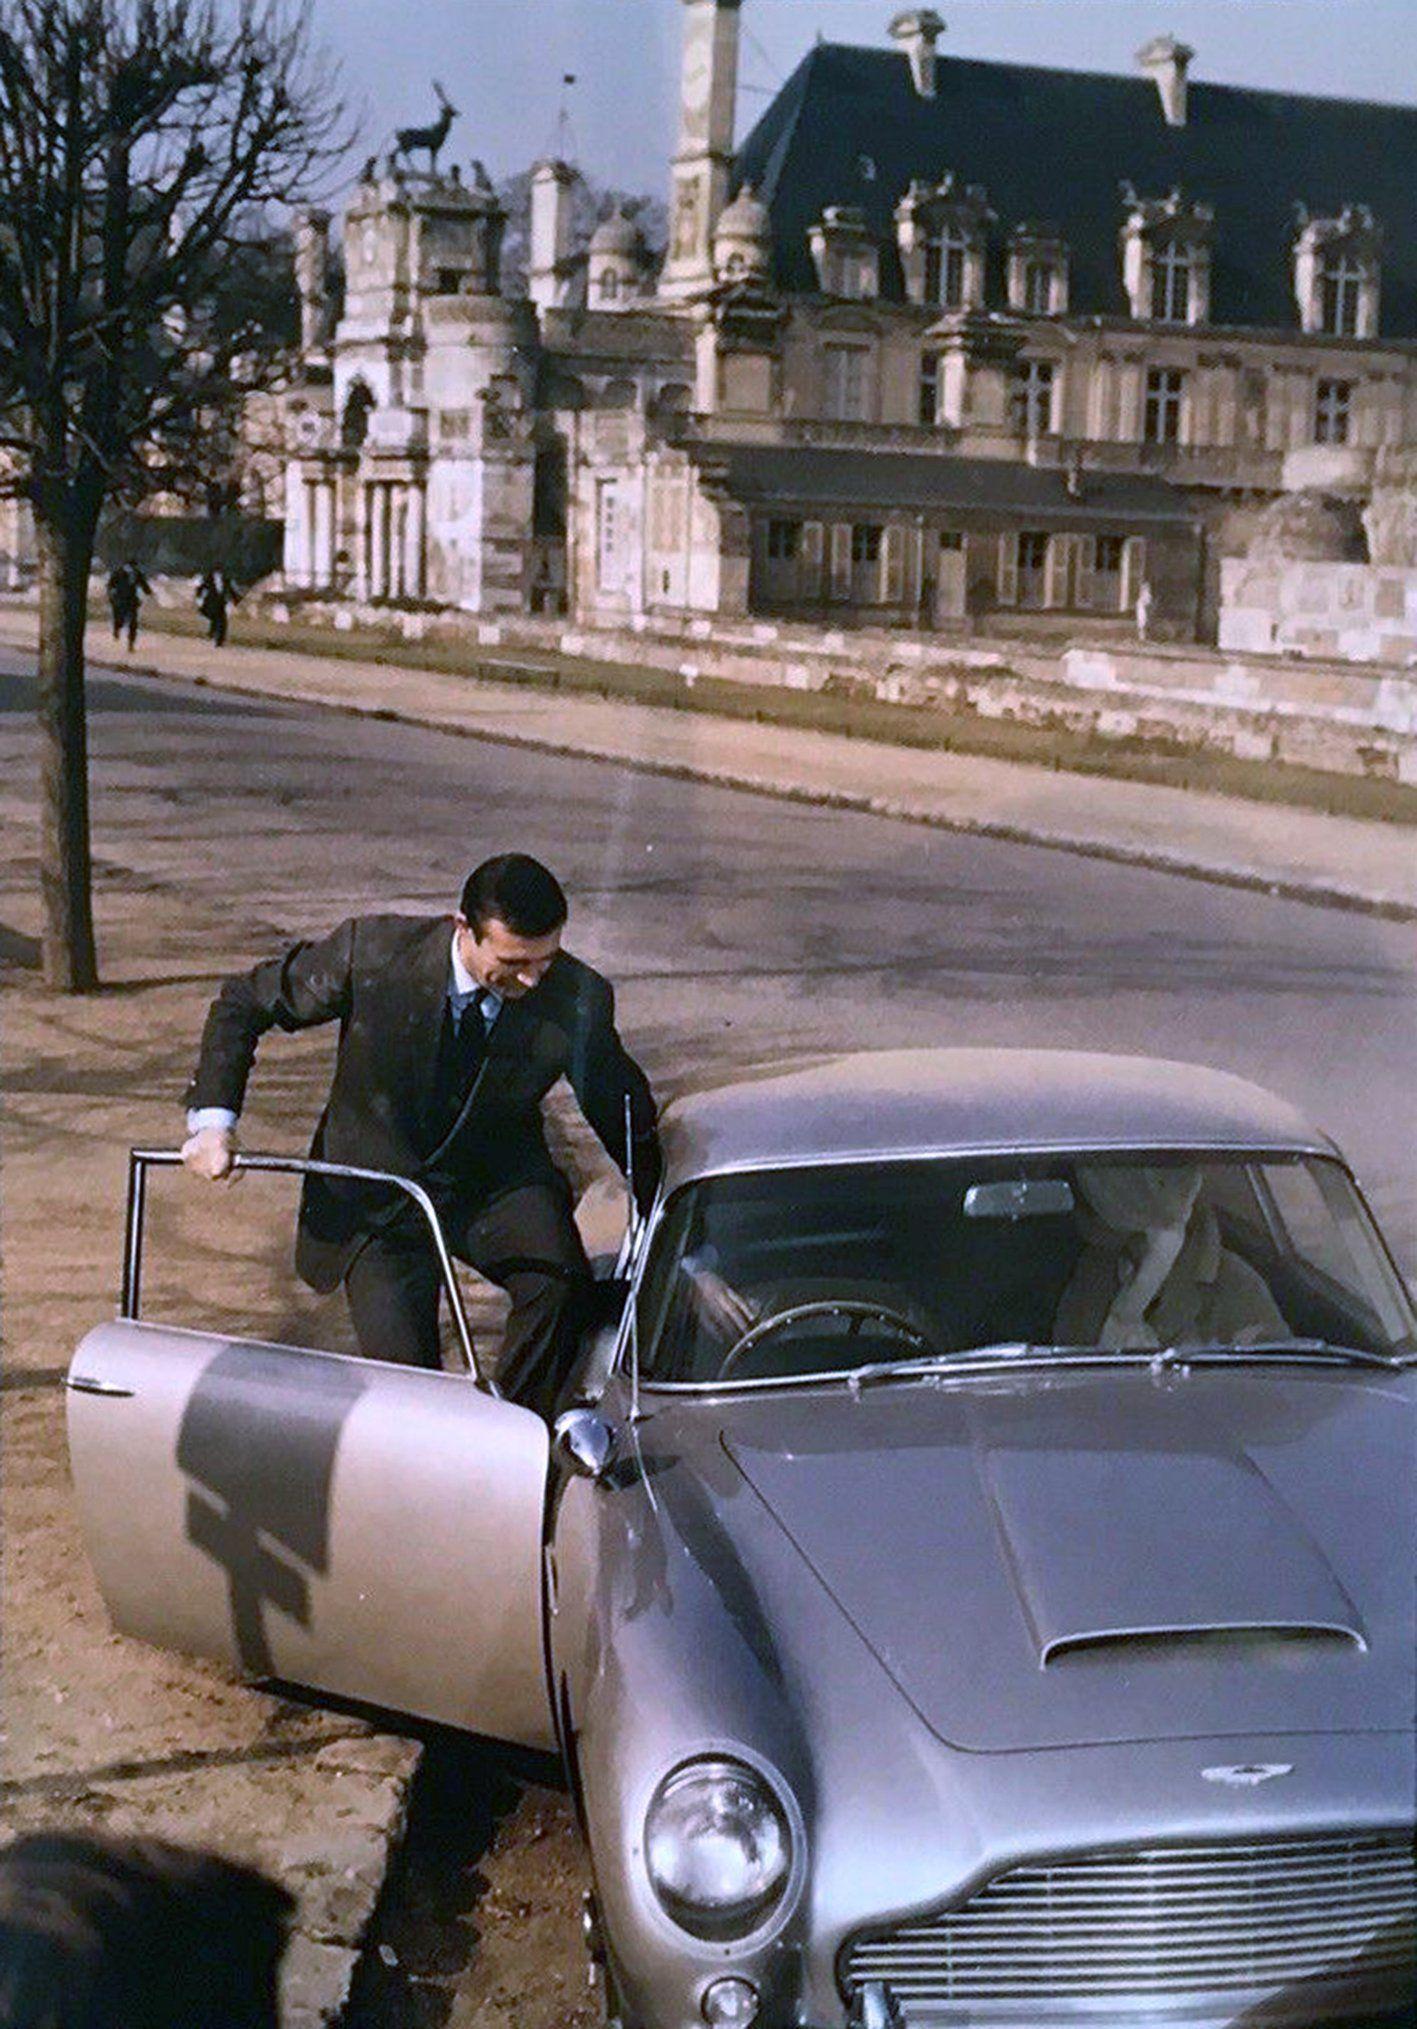 Thunderballs Org On Twitter James Bond Cars Bond Cars James Bond